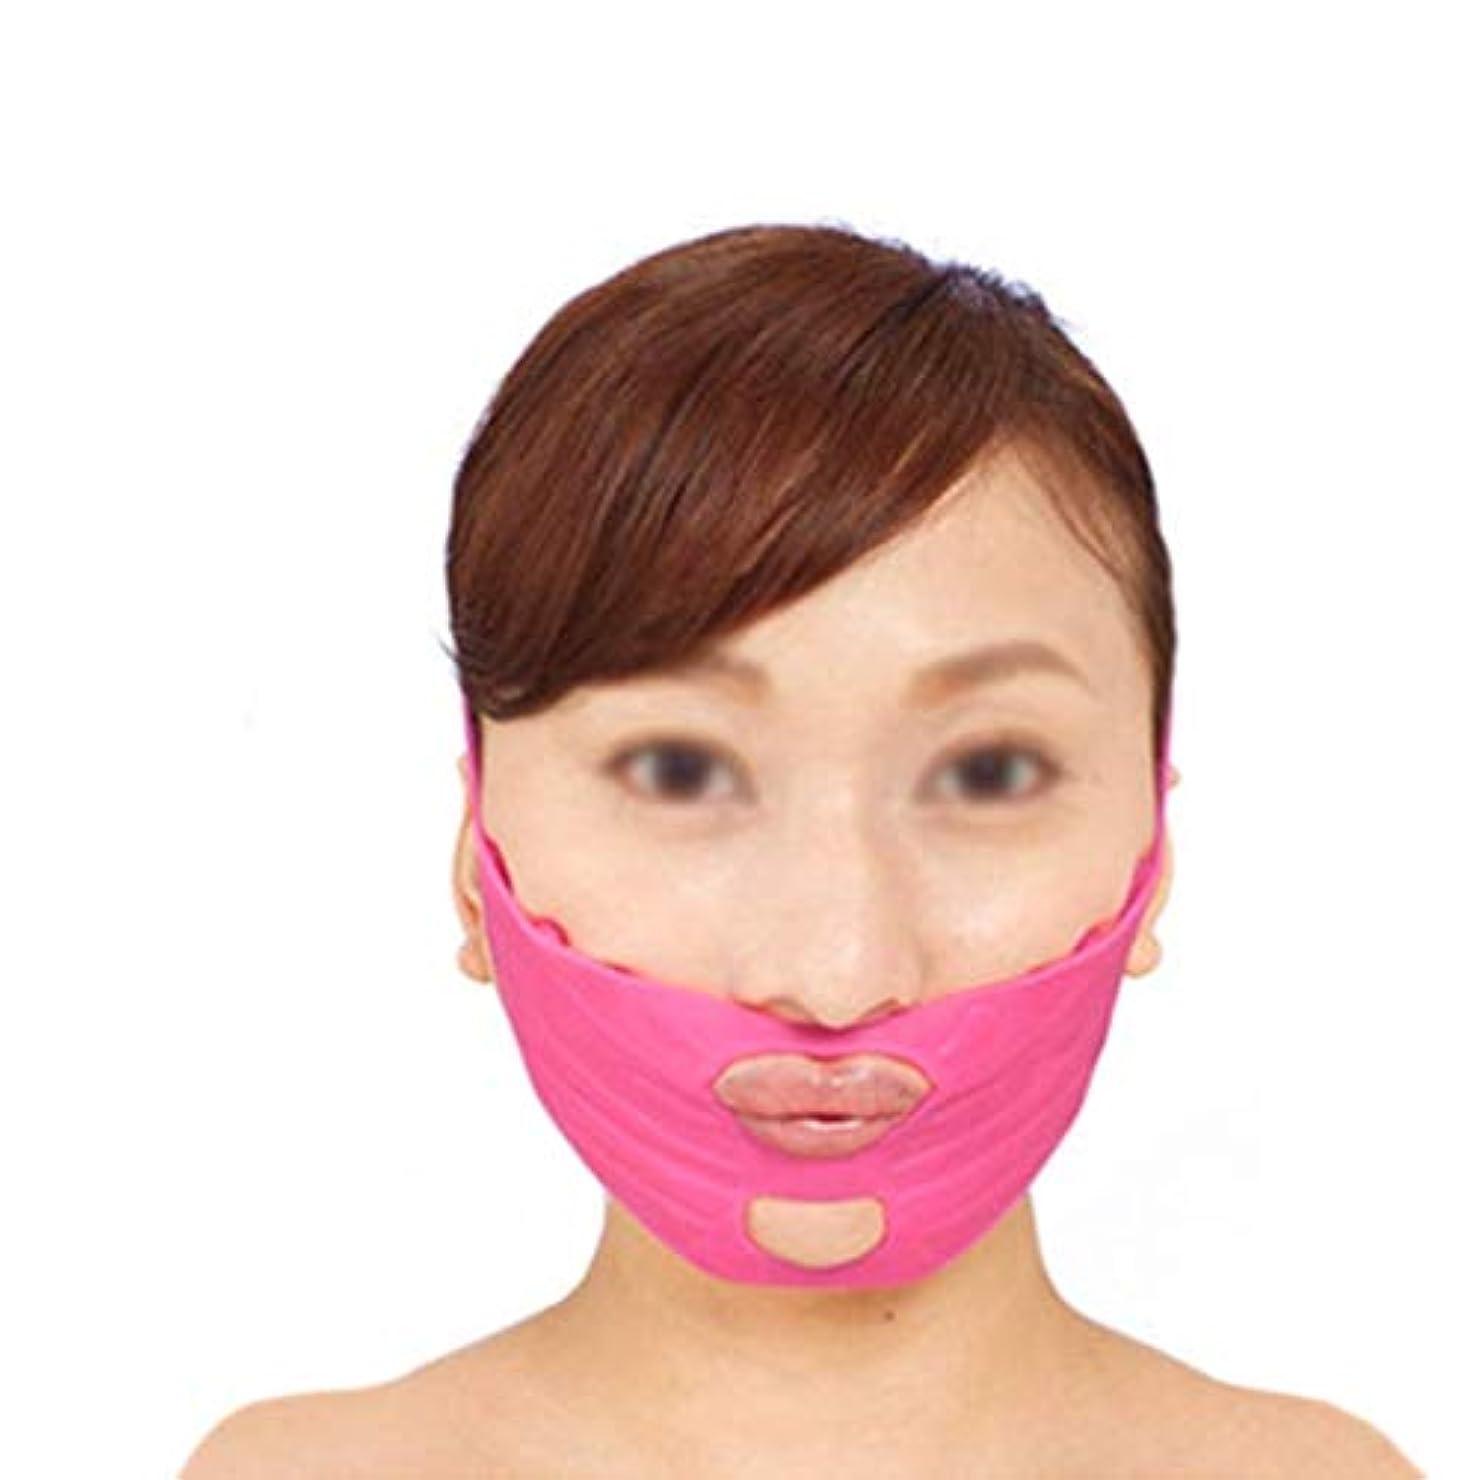 視線覗くコーンフェイスストラップ付きマスク、プルアップフェイスマスク、フェイスリフティングマスク、フェイスタイトニングバンデージ、フェイシャルリフティングバンデージ、ダブルチンを減らすためのリフティングフェイスバンド(ピンク、ワンサイズ)